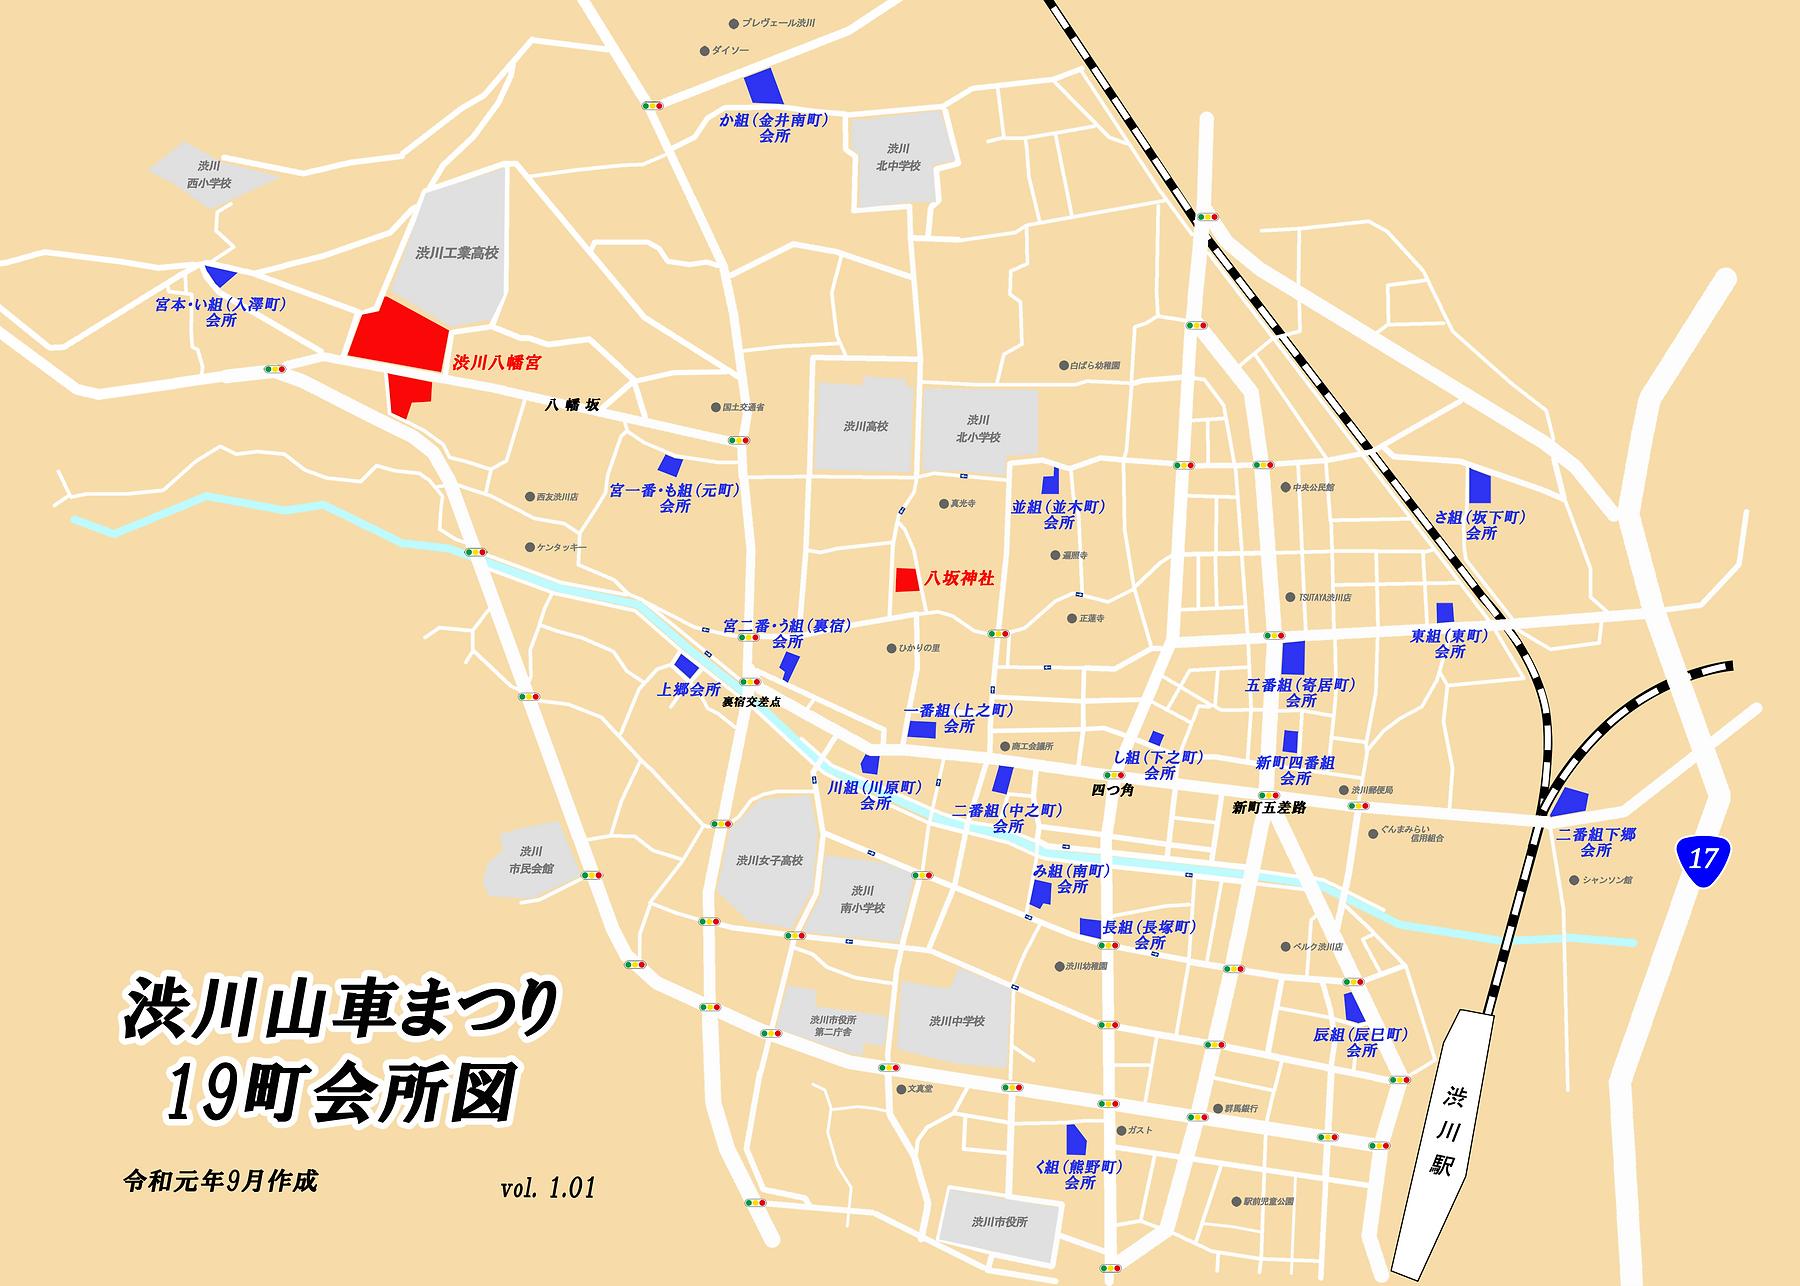 19町会所地図vol1.01.png